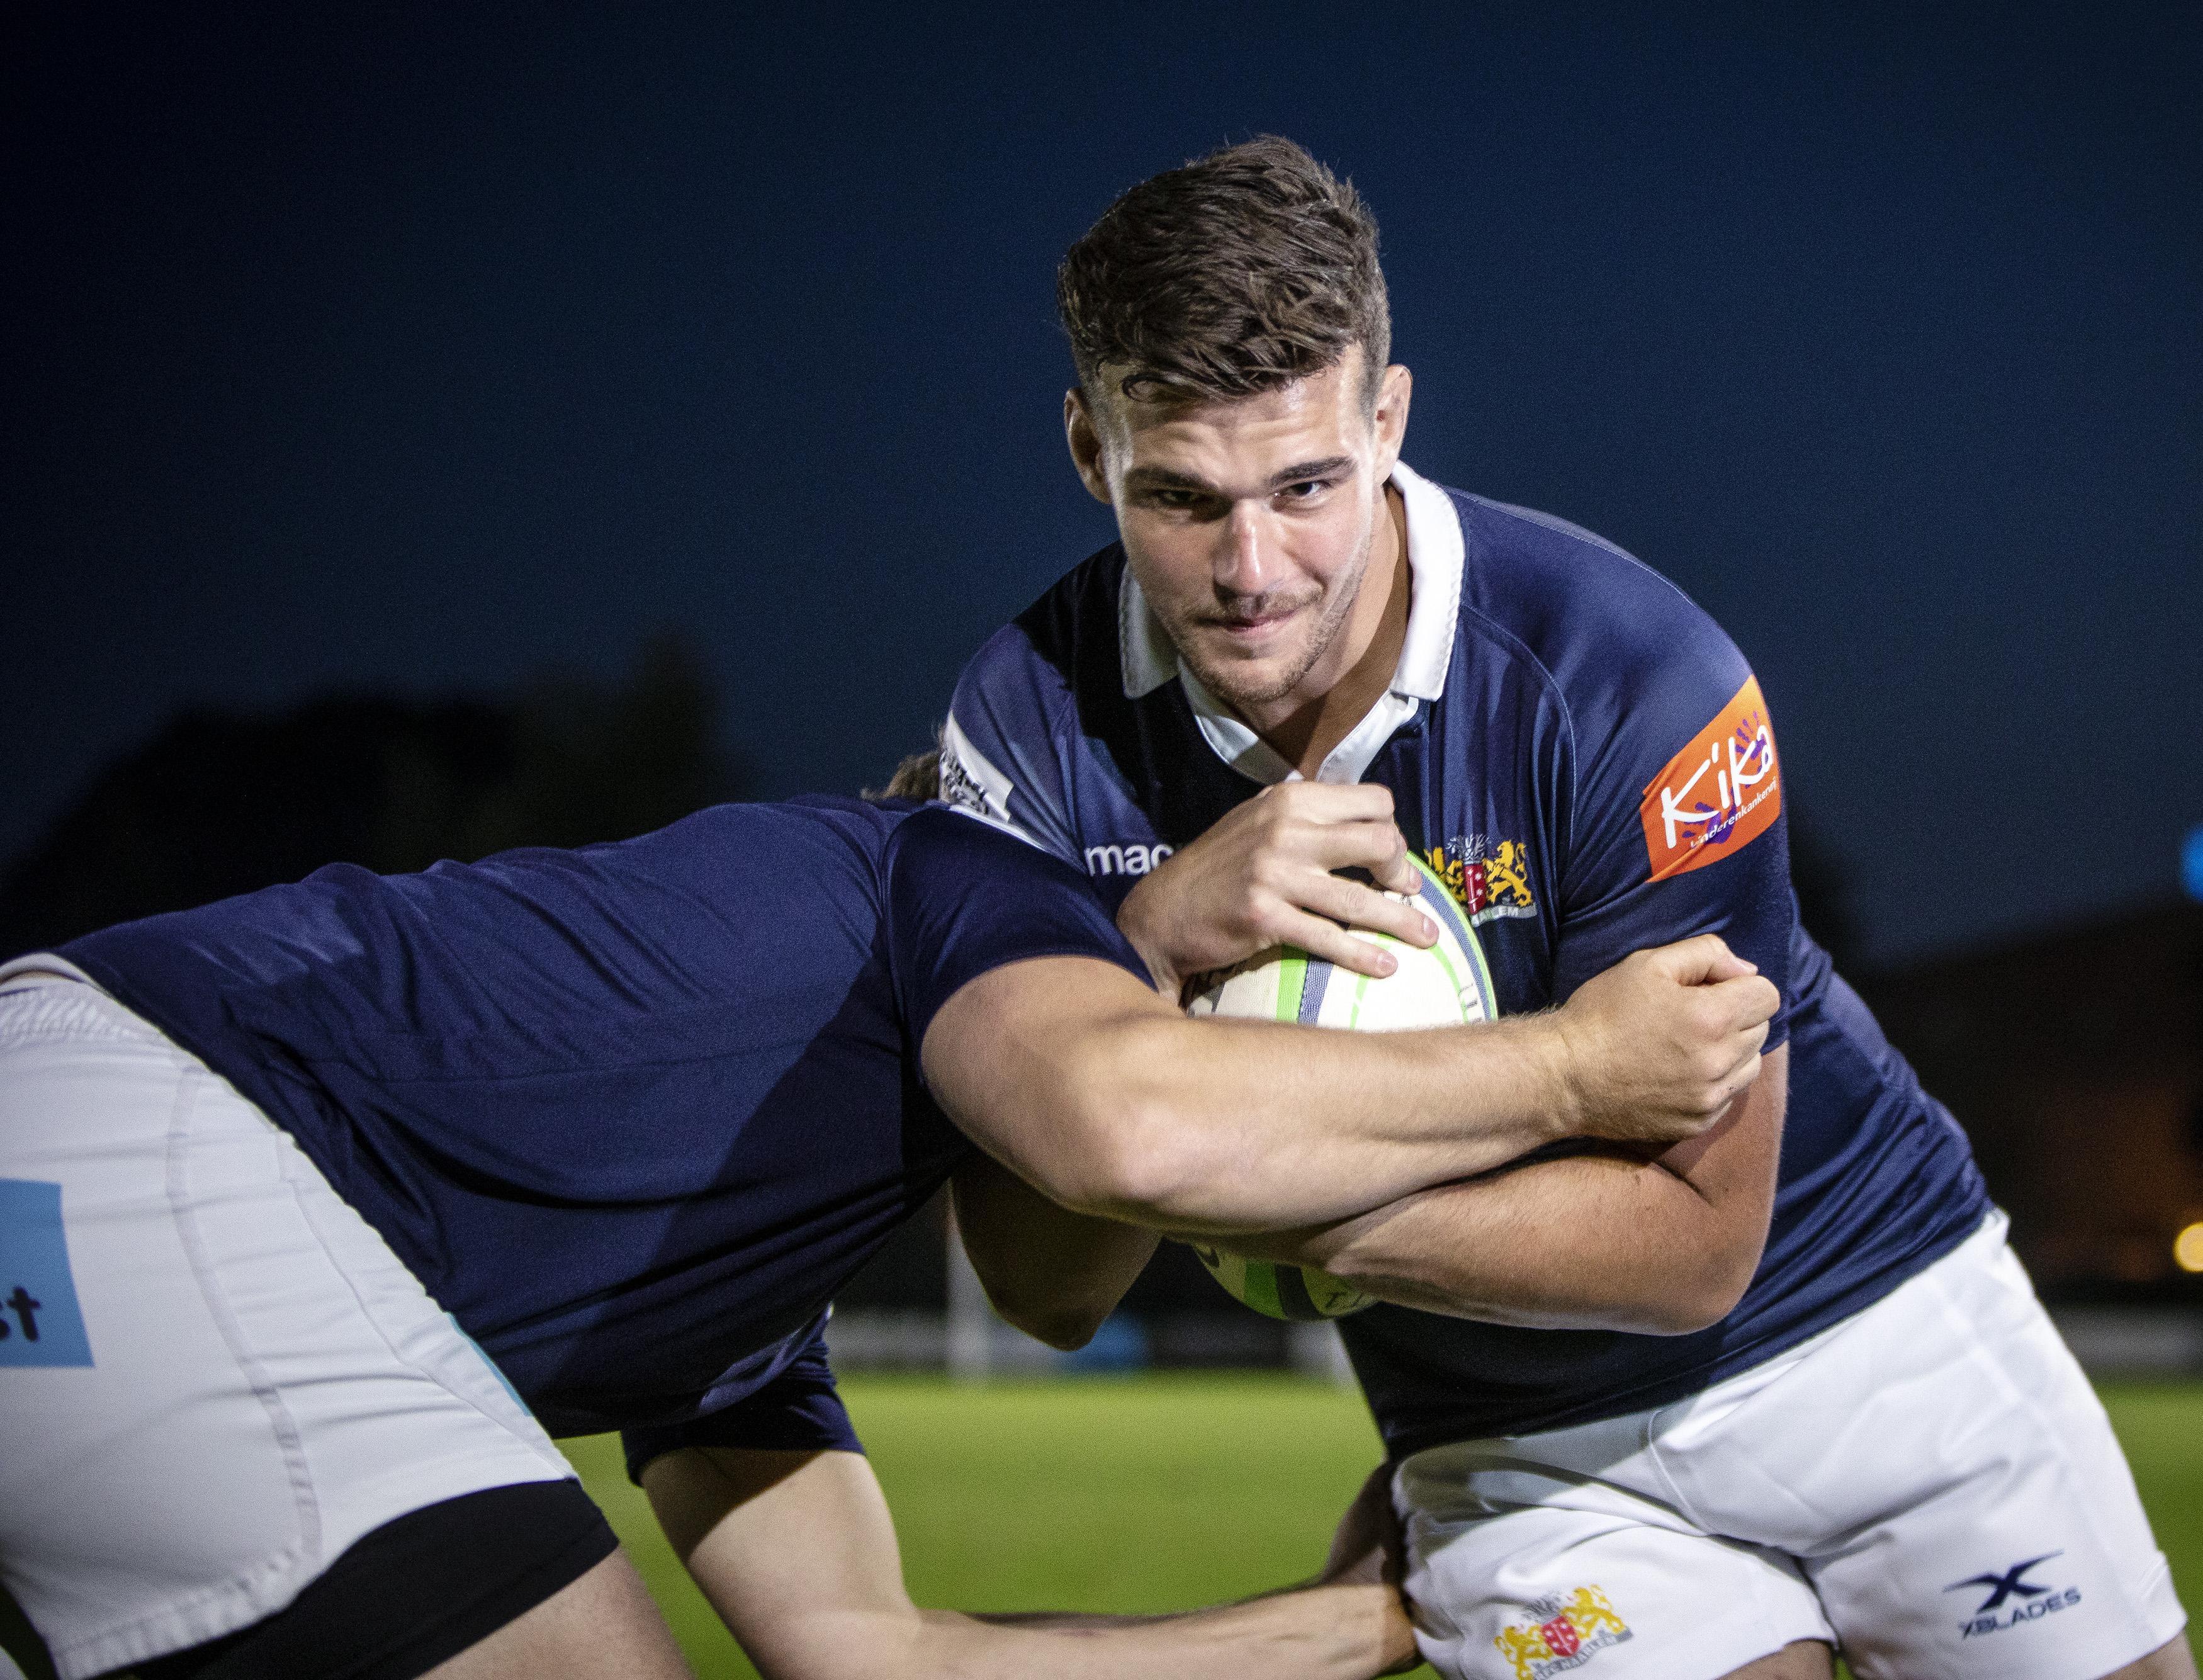 Rugbyer Rikkert Verhofstad haalt bij RFC Haarlem nu al meer uit zichzelf door trainer Mike Panoho